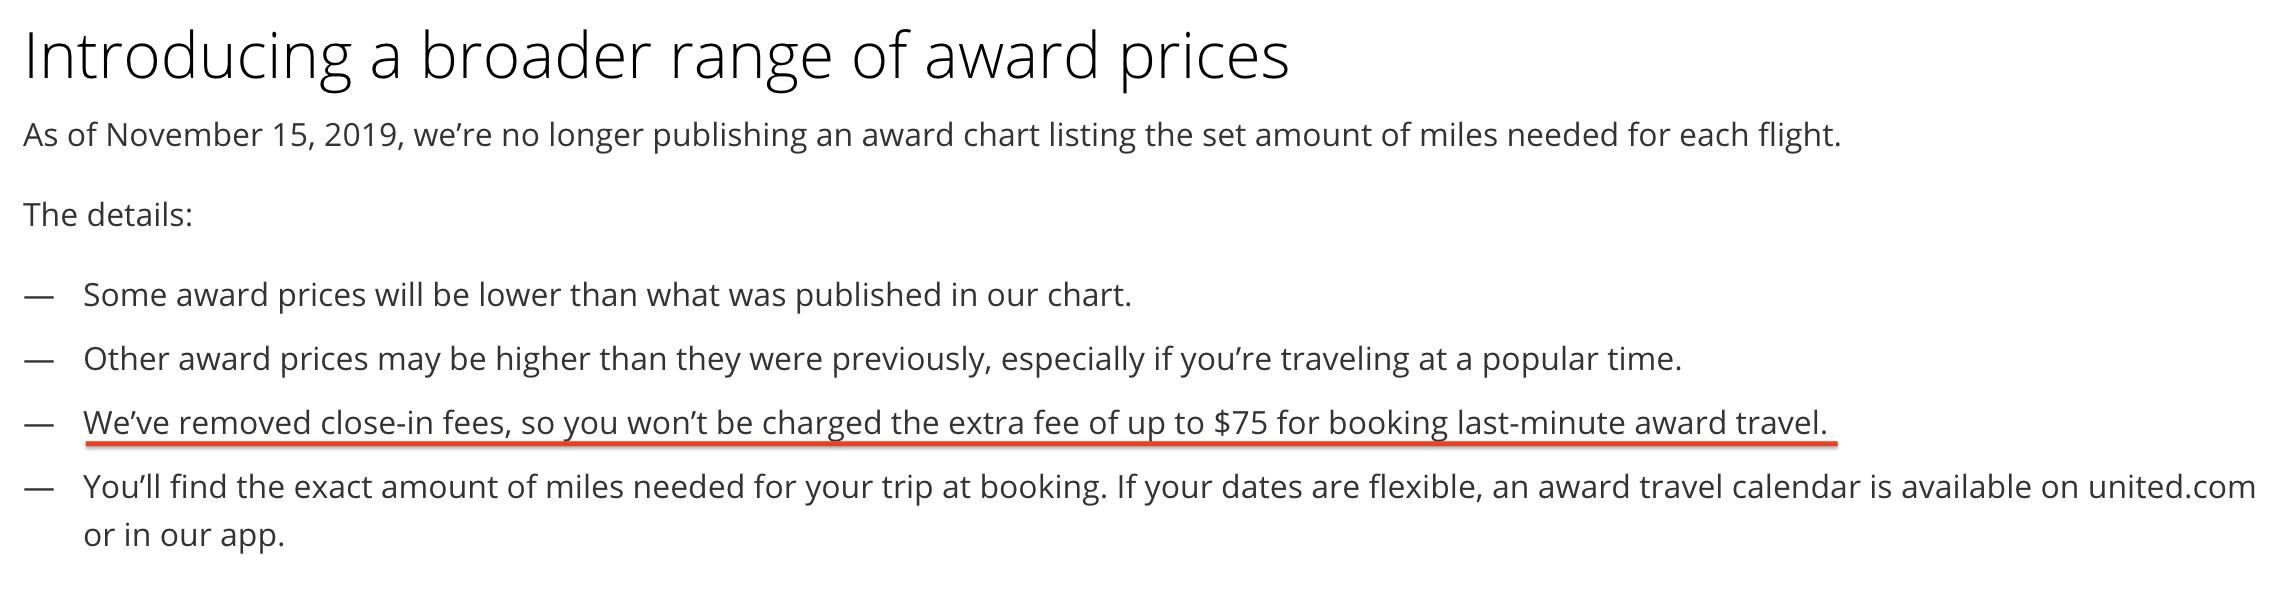 ユナイテッド航空のマイレージプラス特典交換条件の変更-直前発券手数料の廃止(2019年11月15日版)